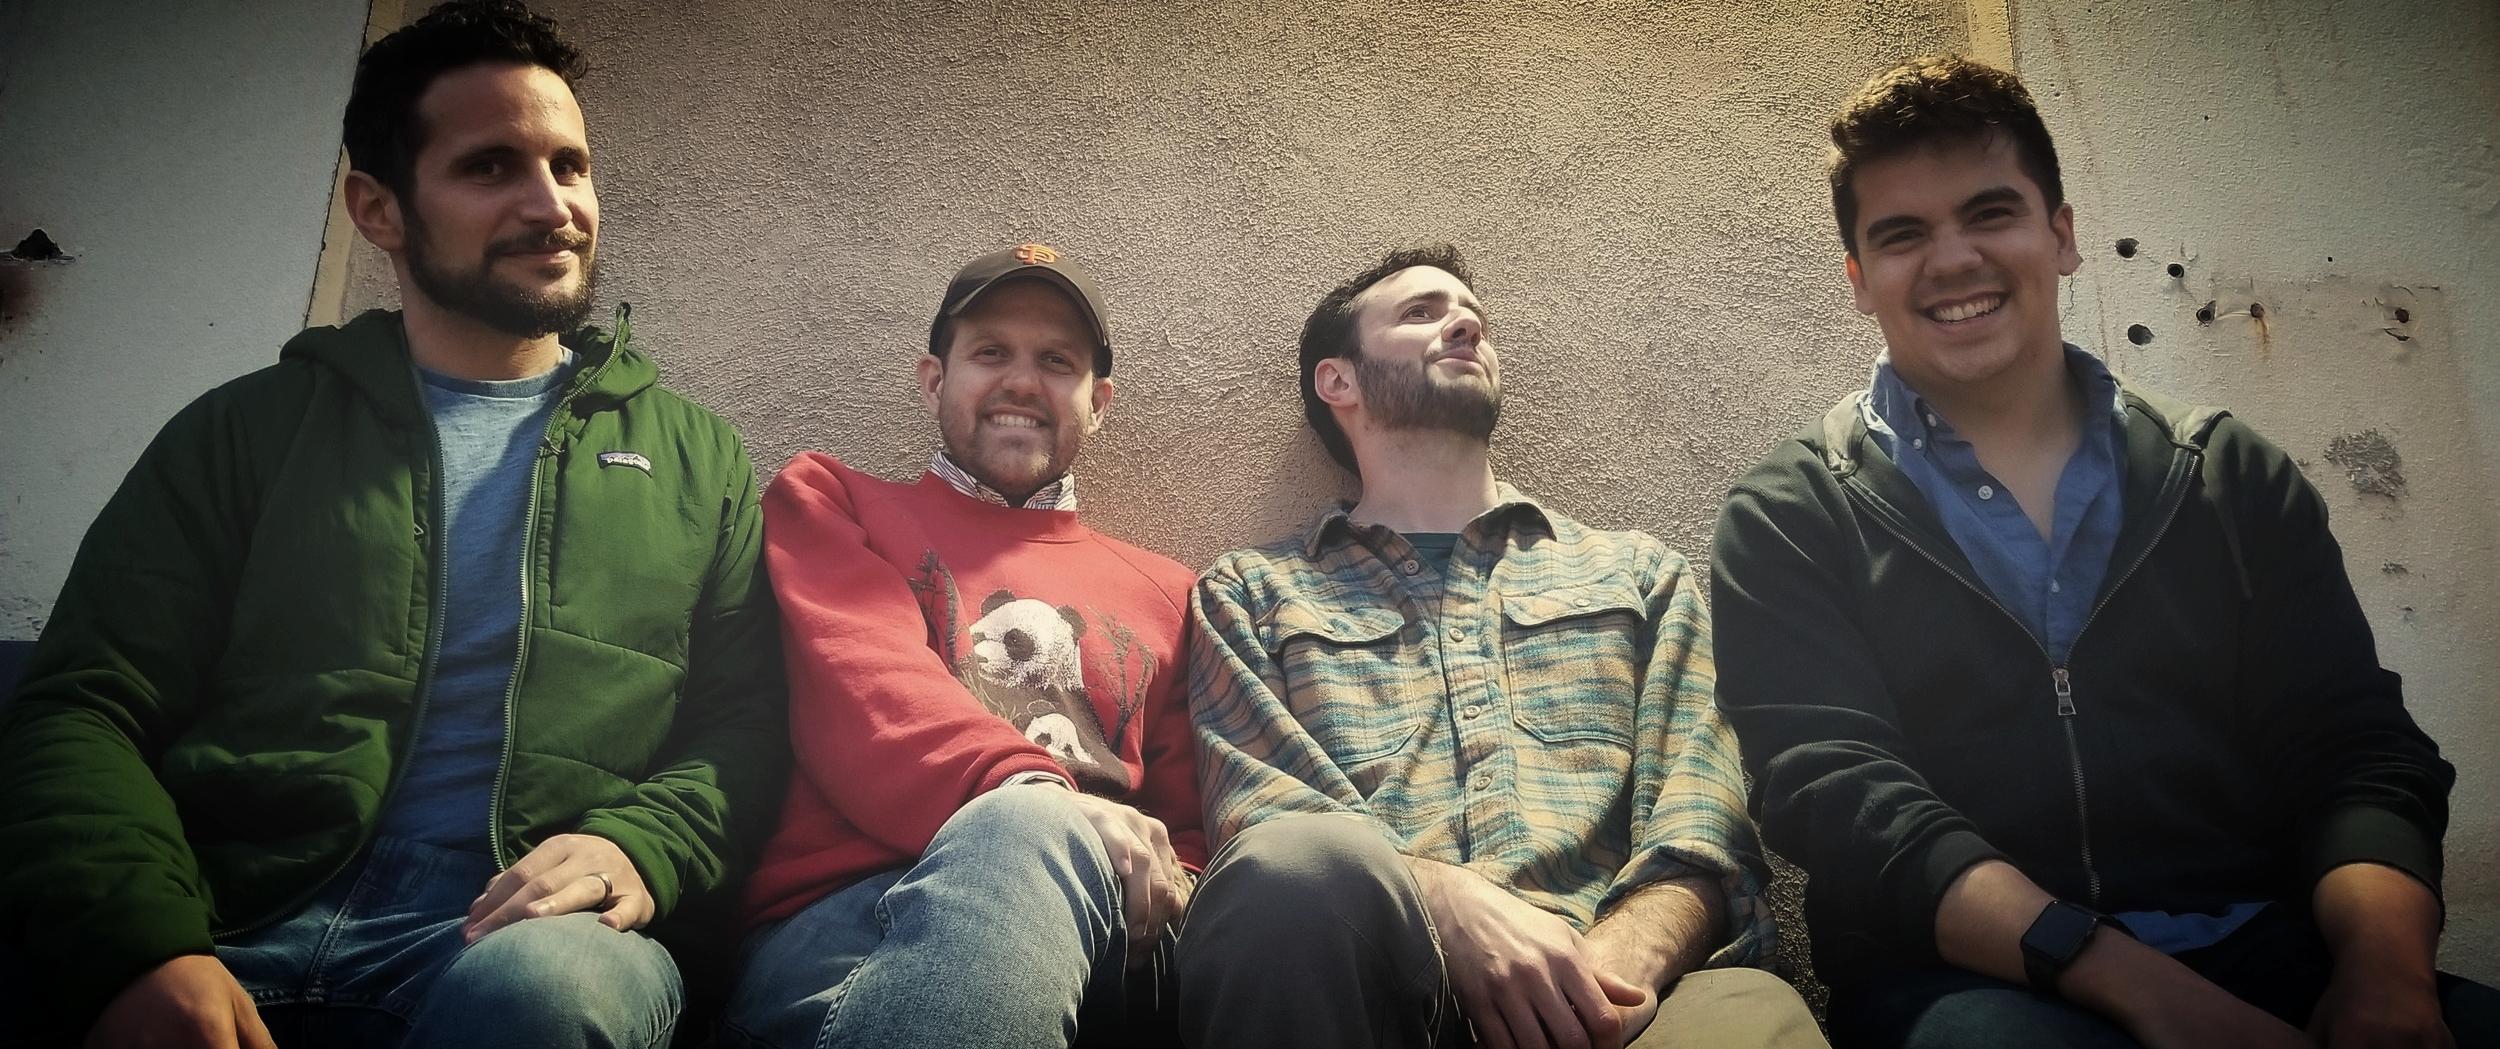 MoonSuit is: - Adam Soffrin - Drums & VocalsDrew Althoff - Bass & VocalsDavid Taus - Guitar & VocalsJon Tippens - Keyboards & Vocals